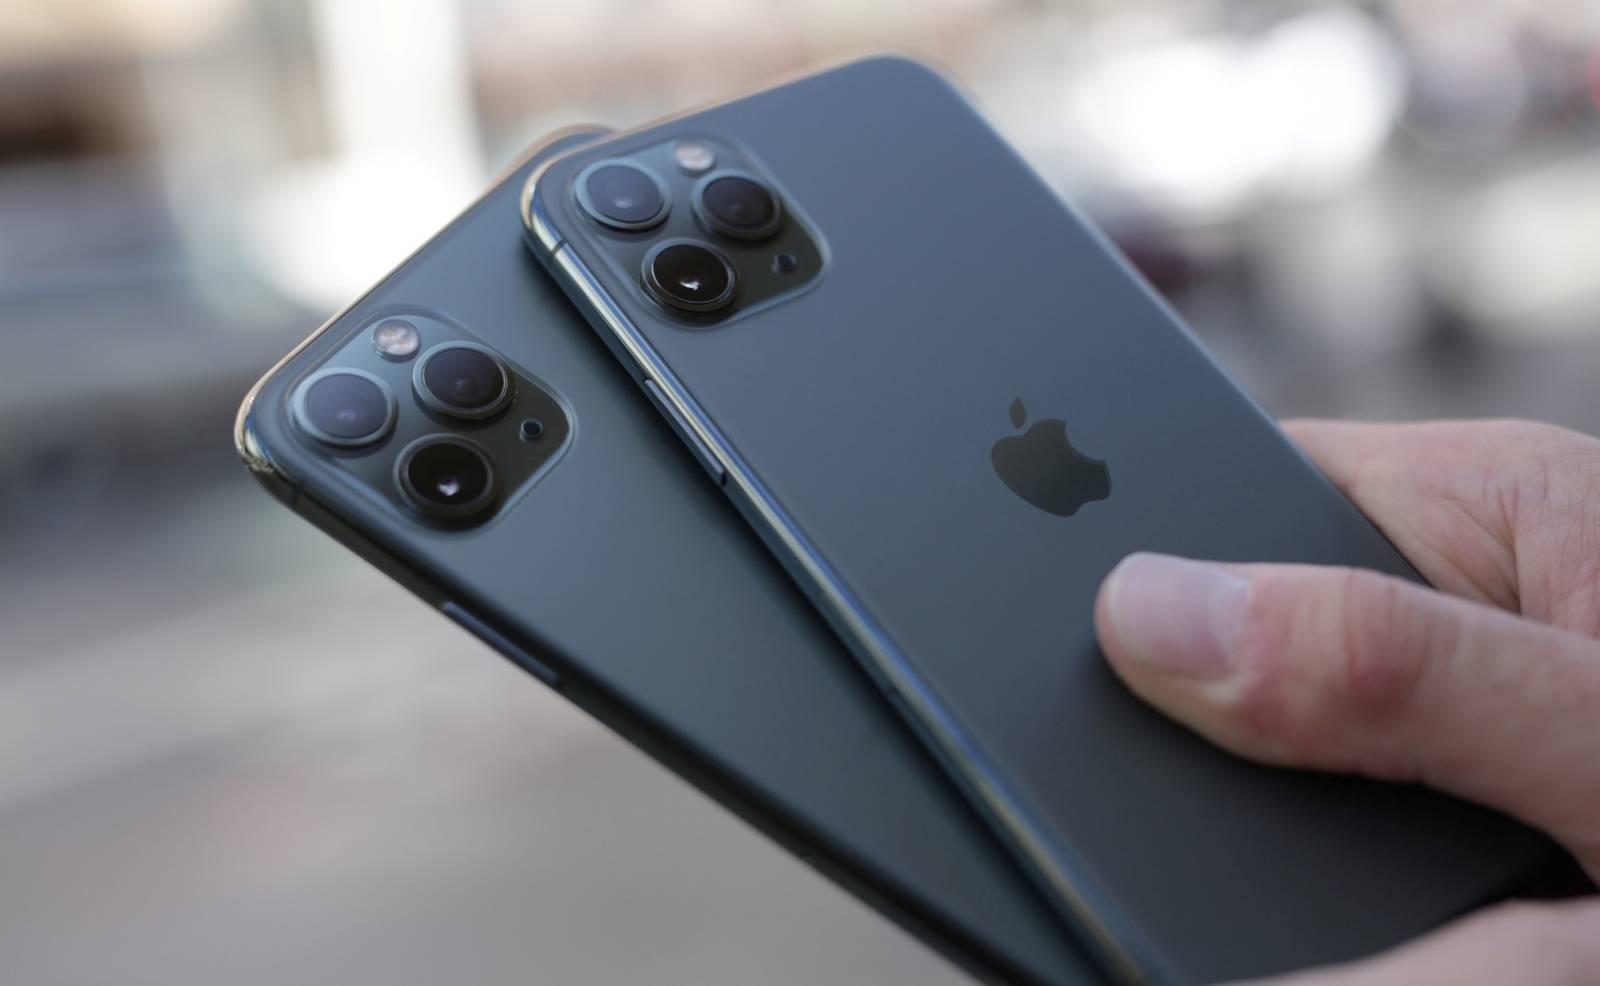 iPhone 11 Pro incarcare rapida usb-c